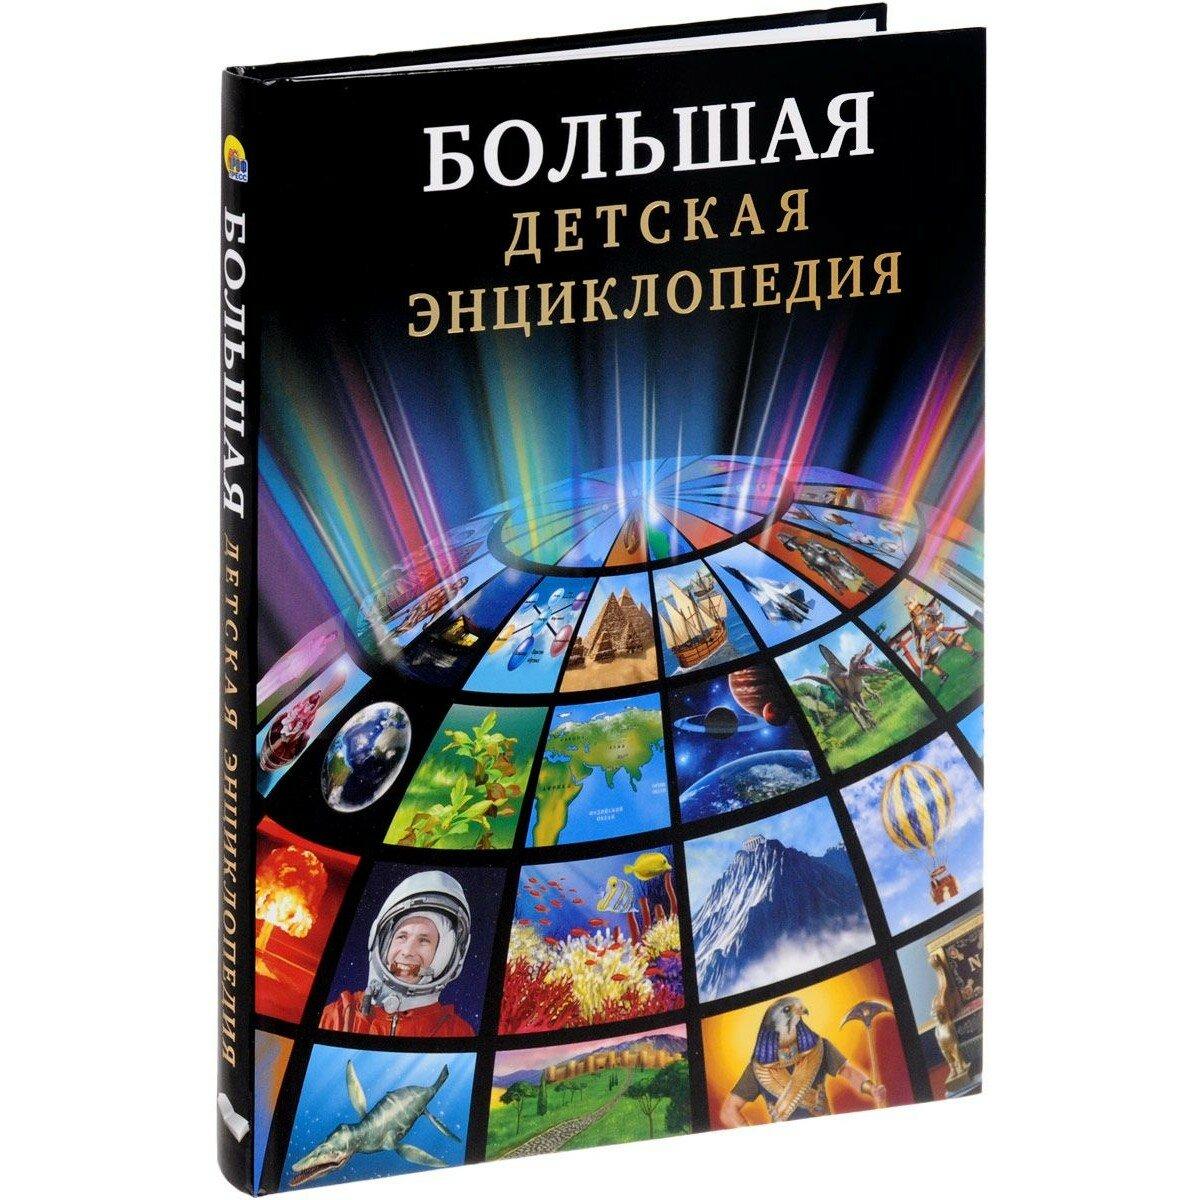 Картинки книг энциклопедия